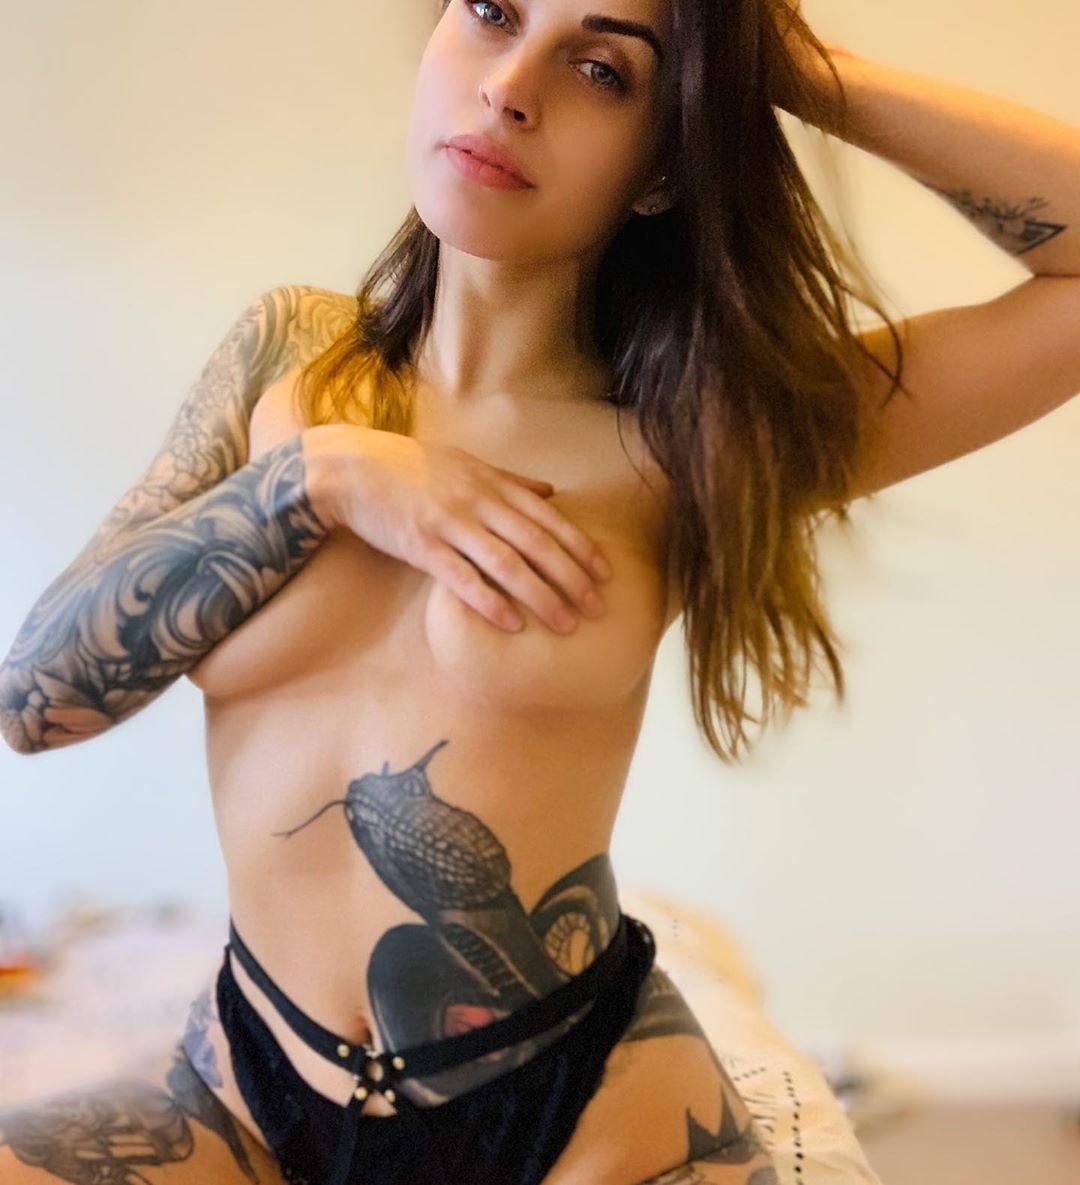 Hel Rae Topless